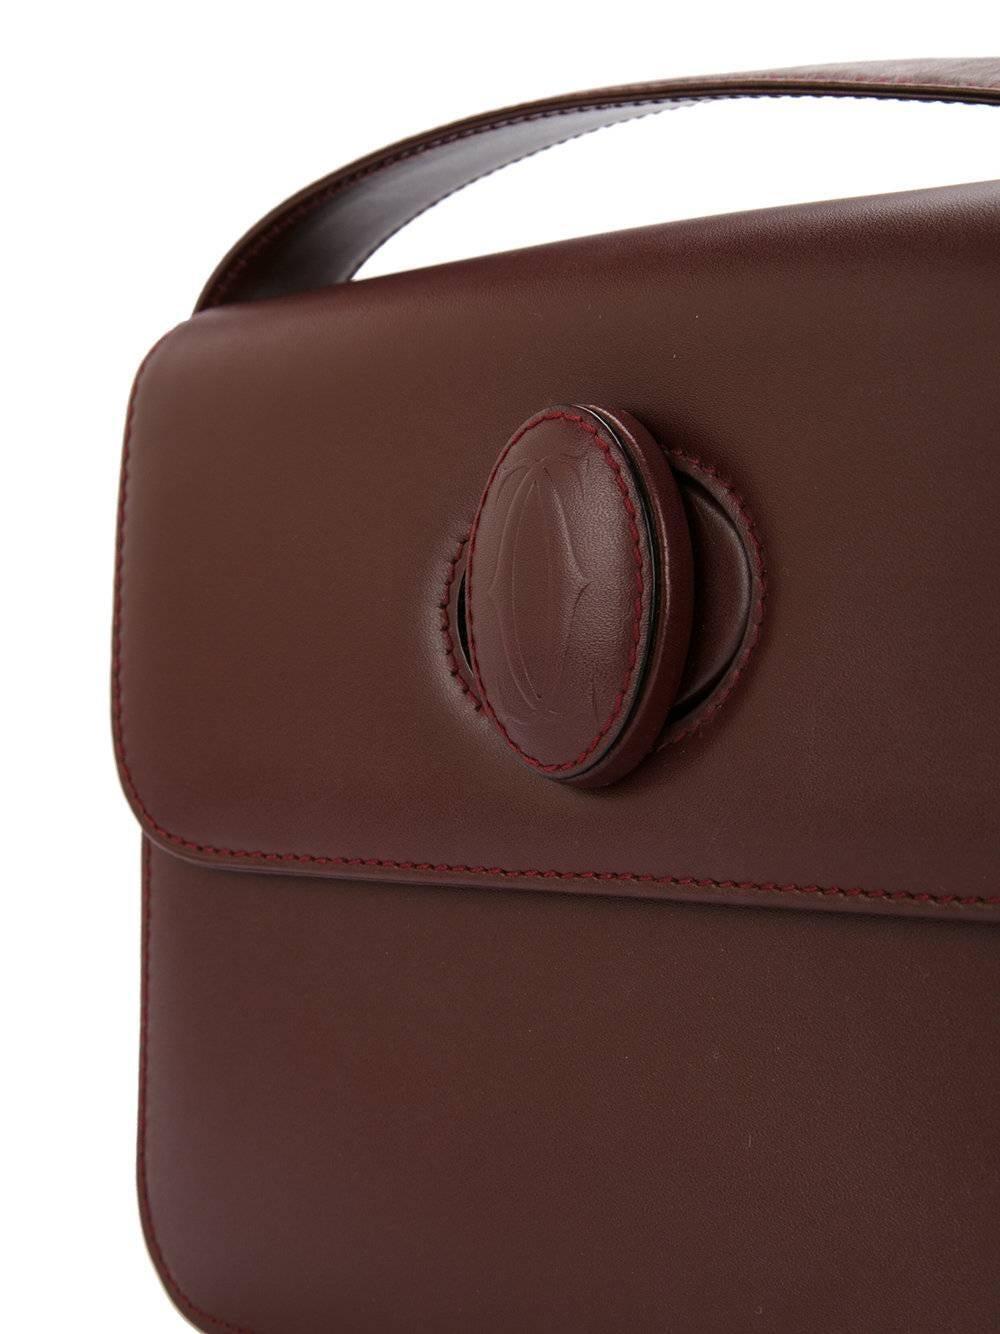 Cartier Bordeaux Leather Twist Lock Shoulder Flap Bag ibR23k